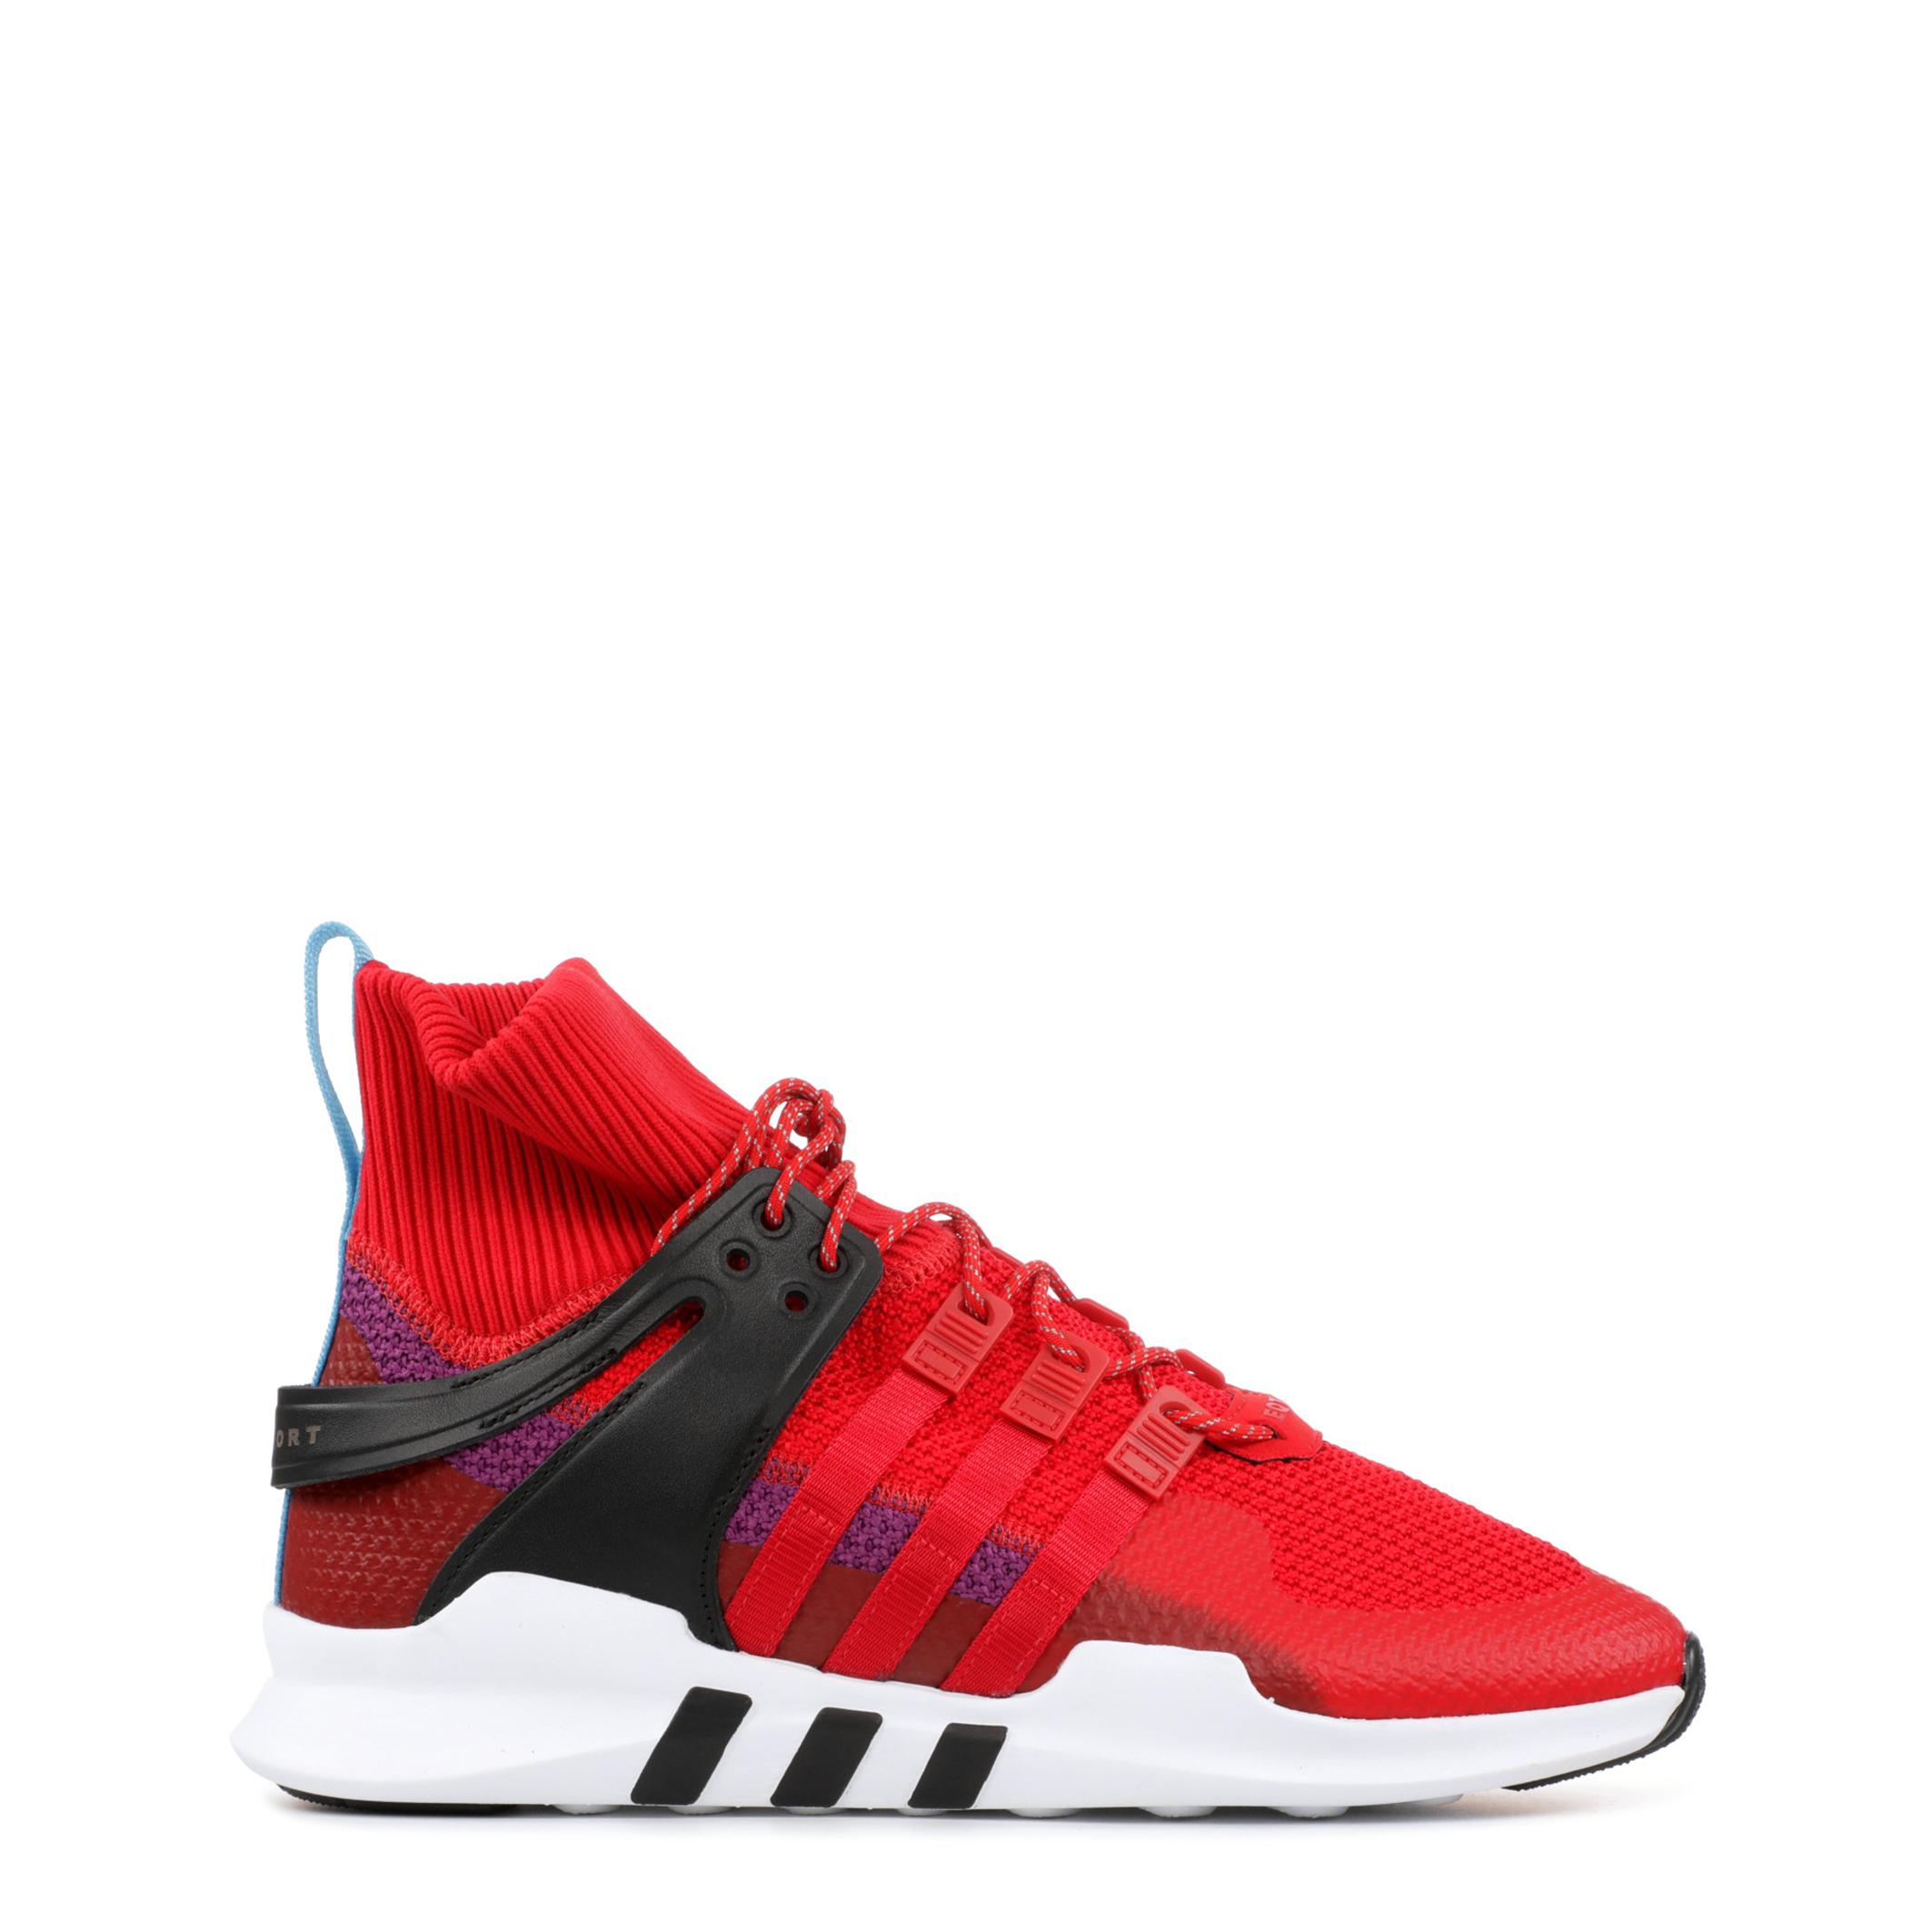 Adidas EQT_SUPPORT_ADV_WINTER Uomo Rosso 95168